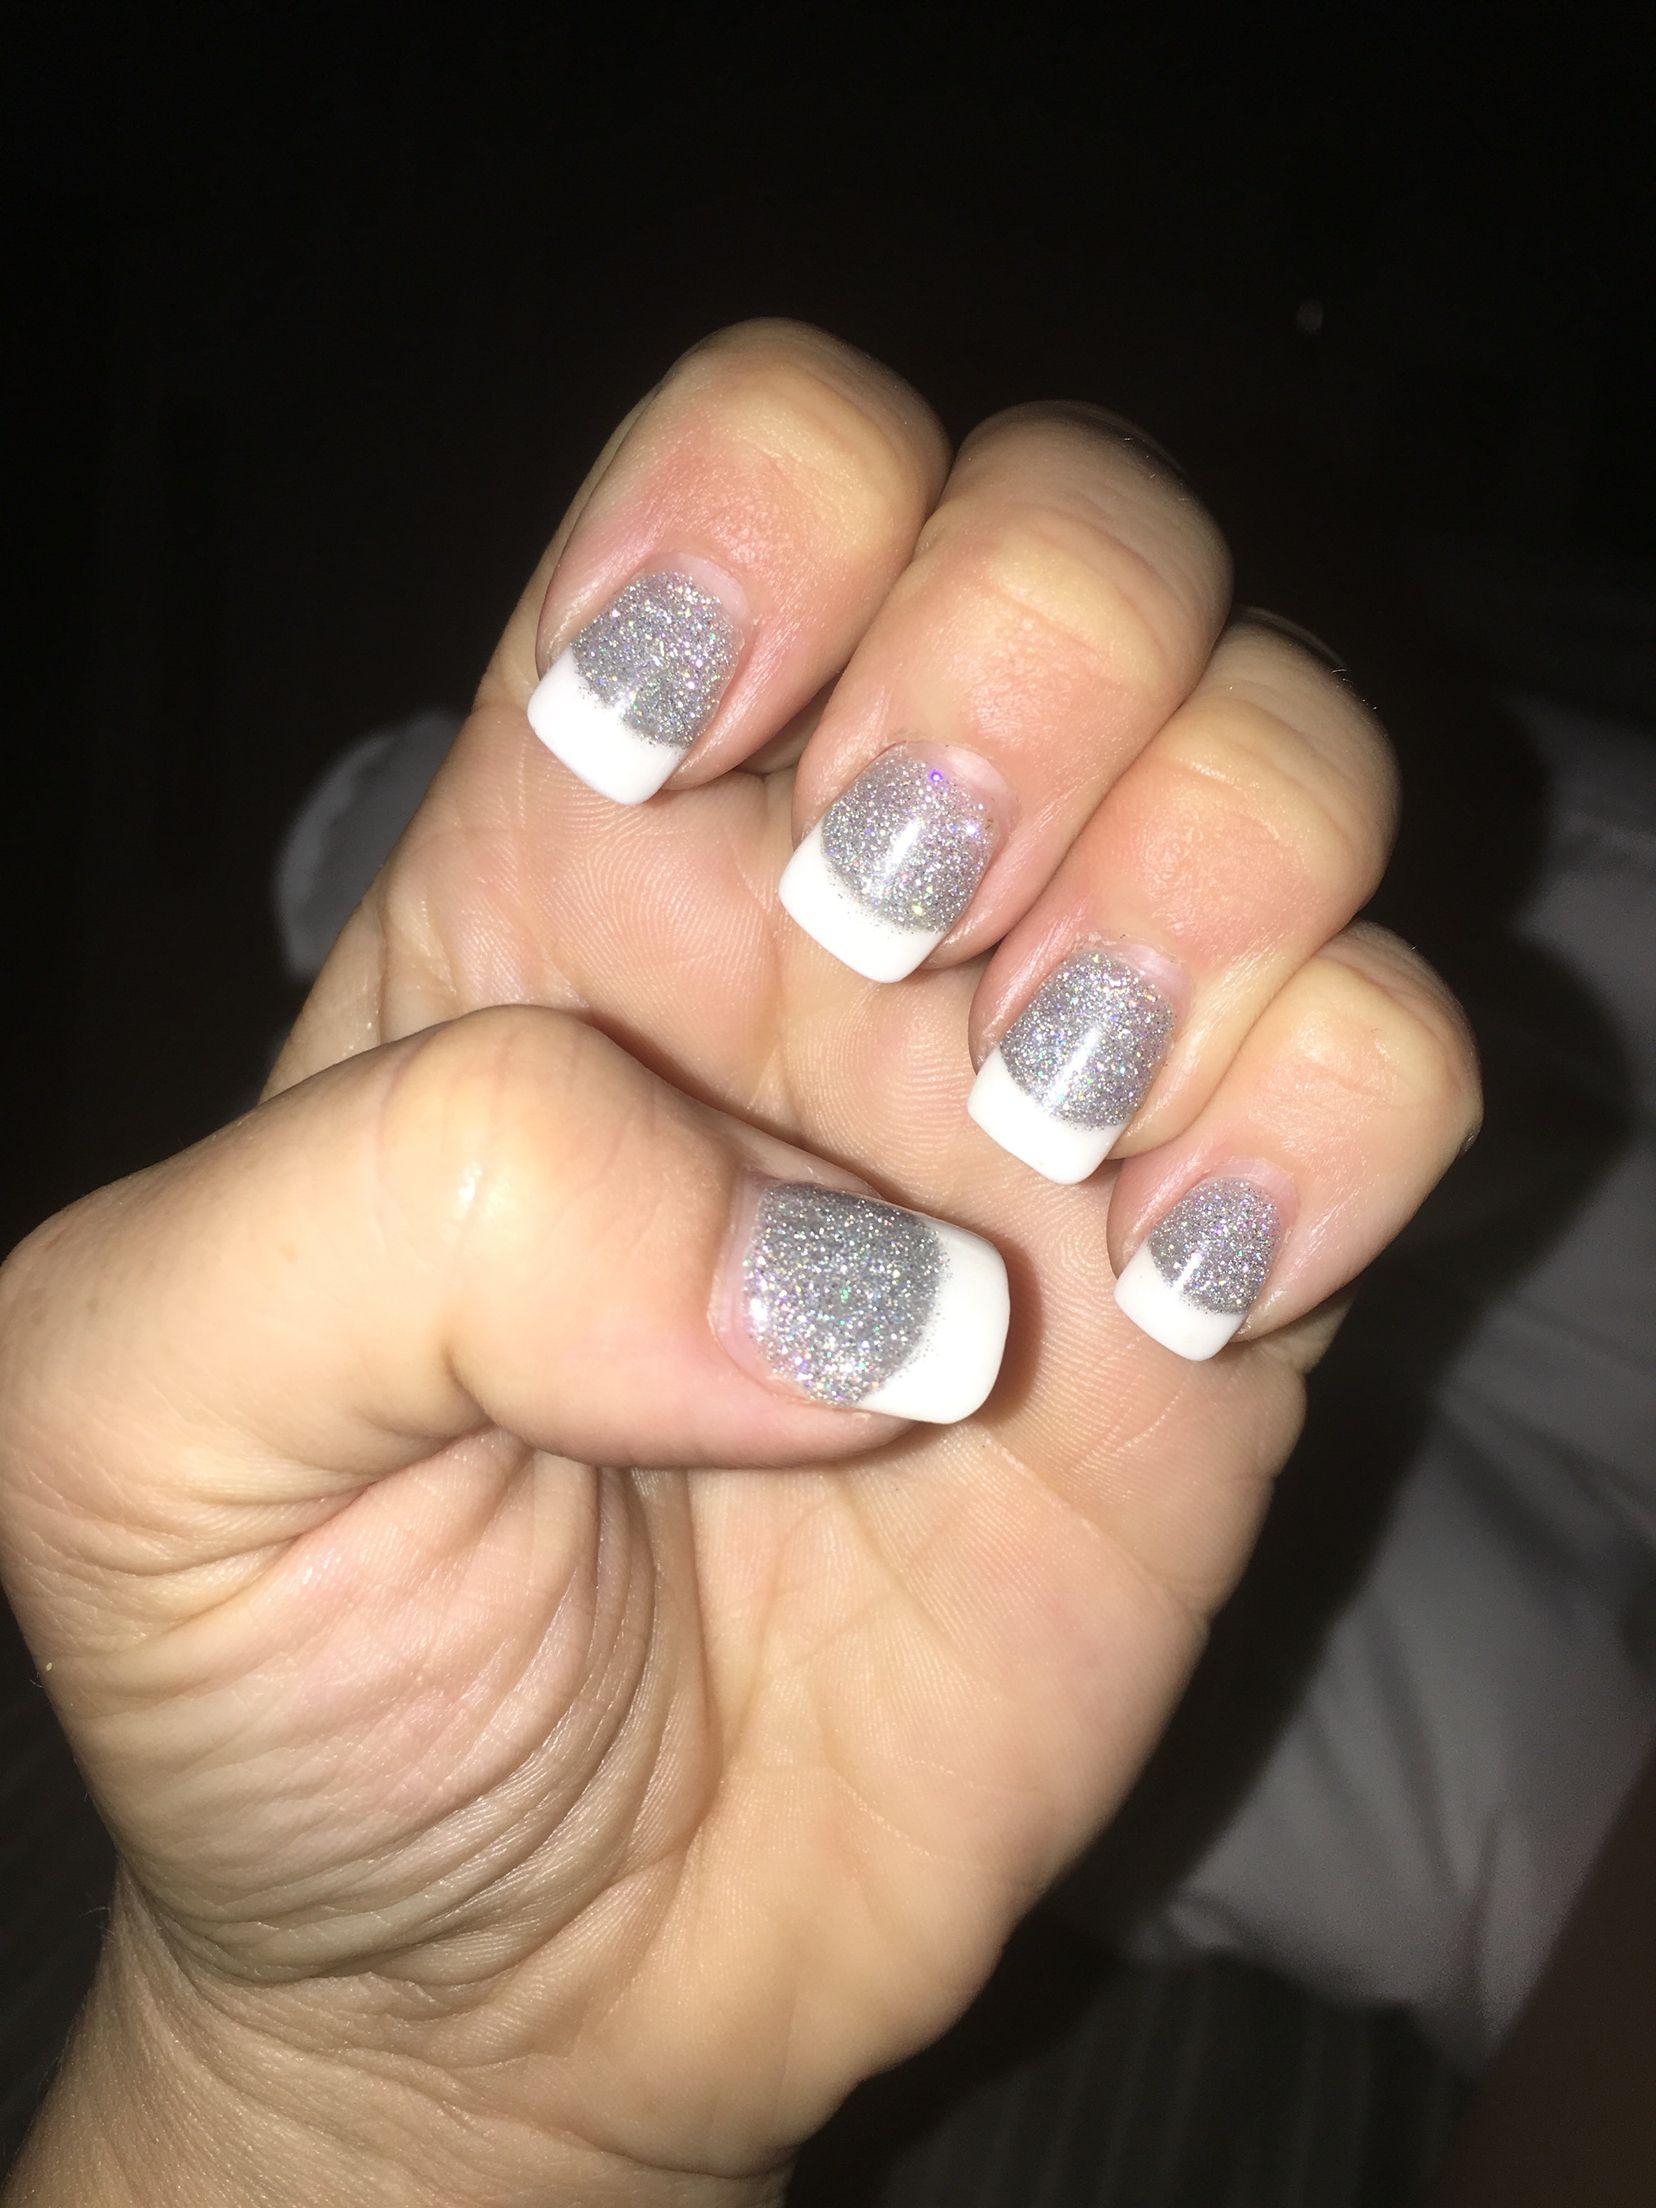 Glitter solar nails | My nails. | Pinterest | Glitter solar nails